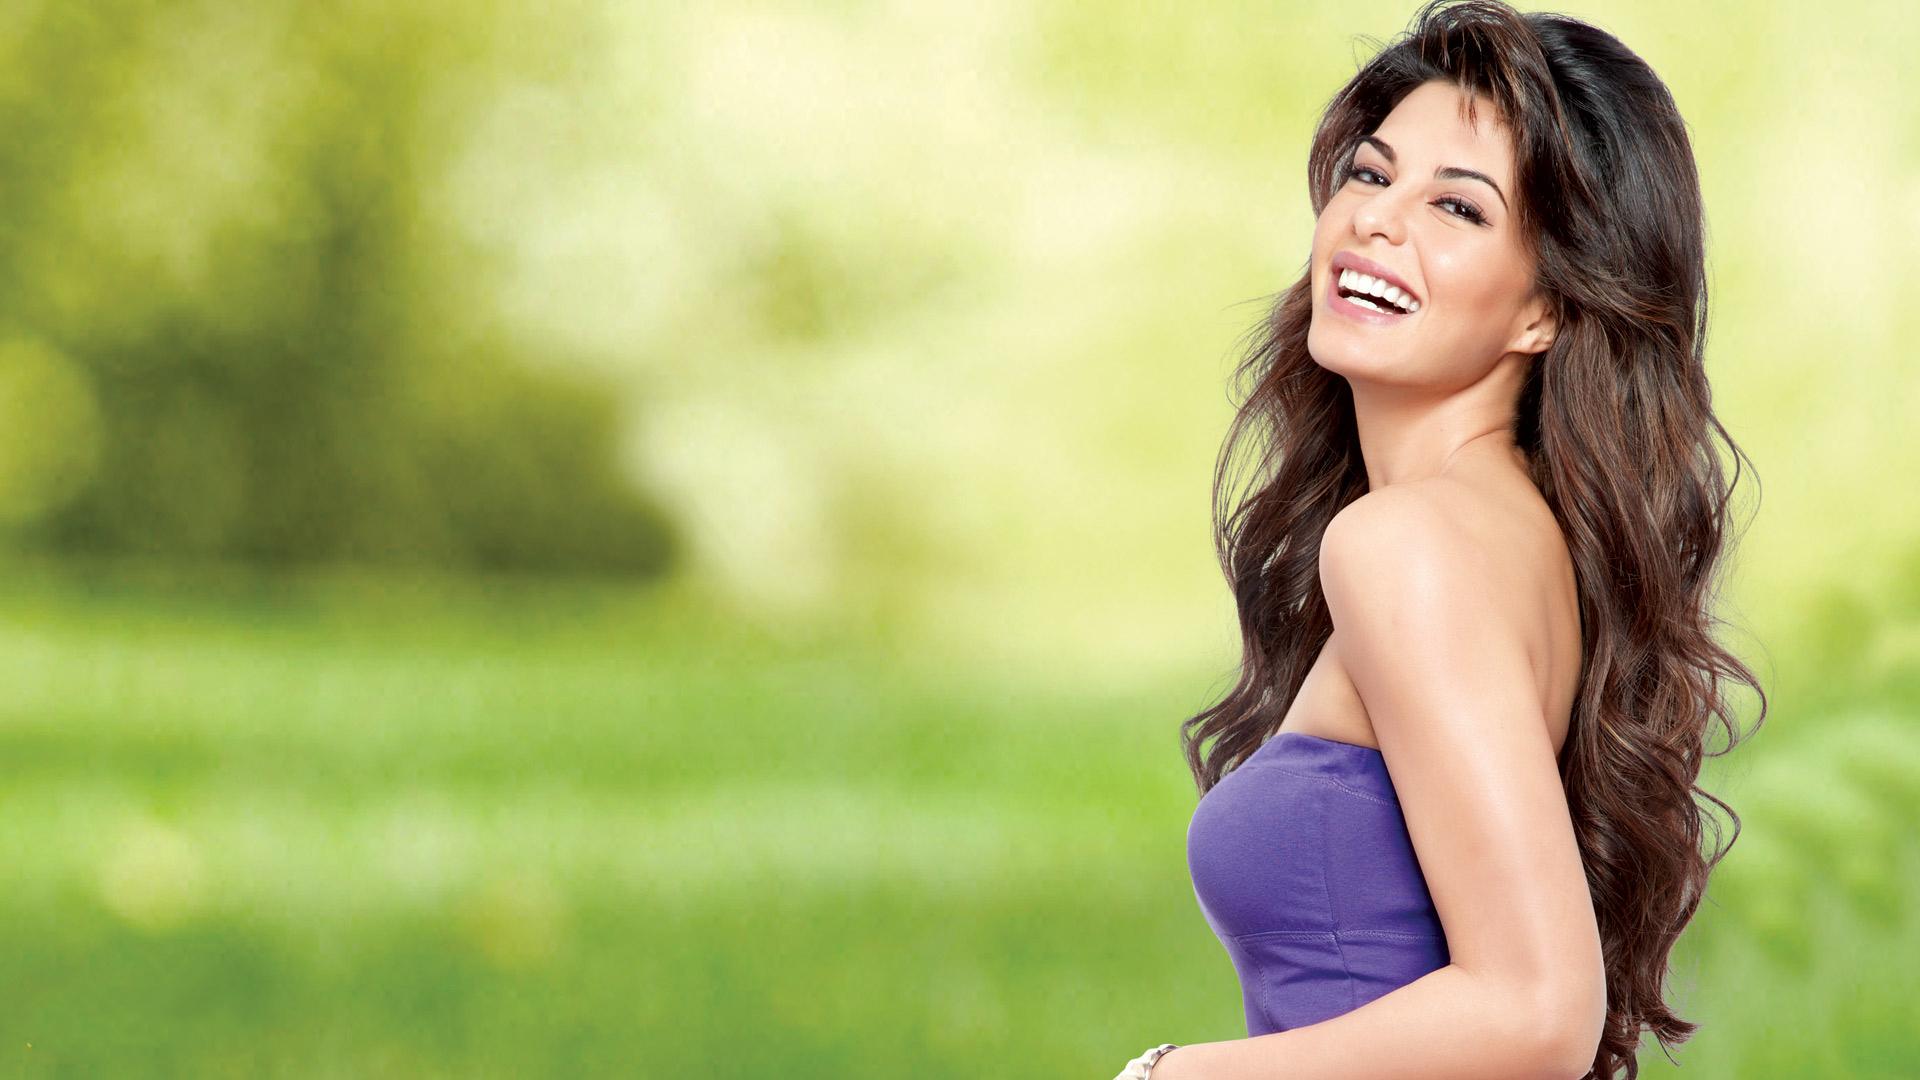 download jacqueline fernandez fabulous smile photoshoot 1280x800